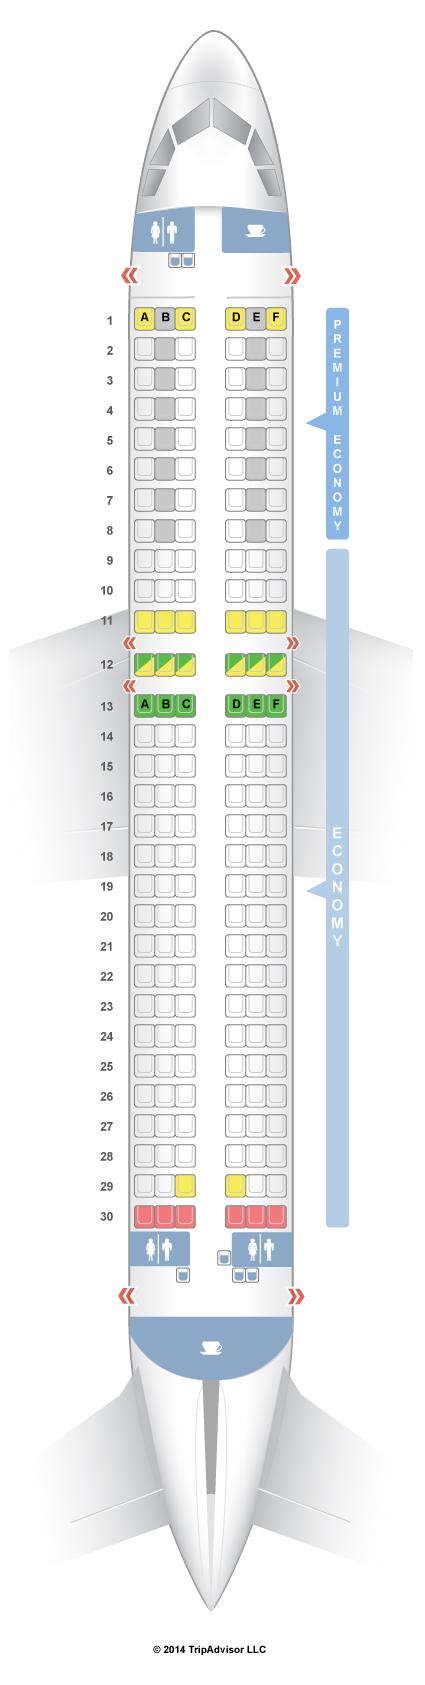 SeatGuru Seat Map Condor - SeatGuru